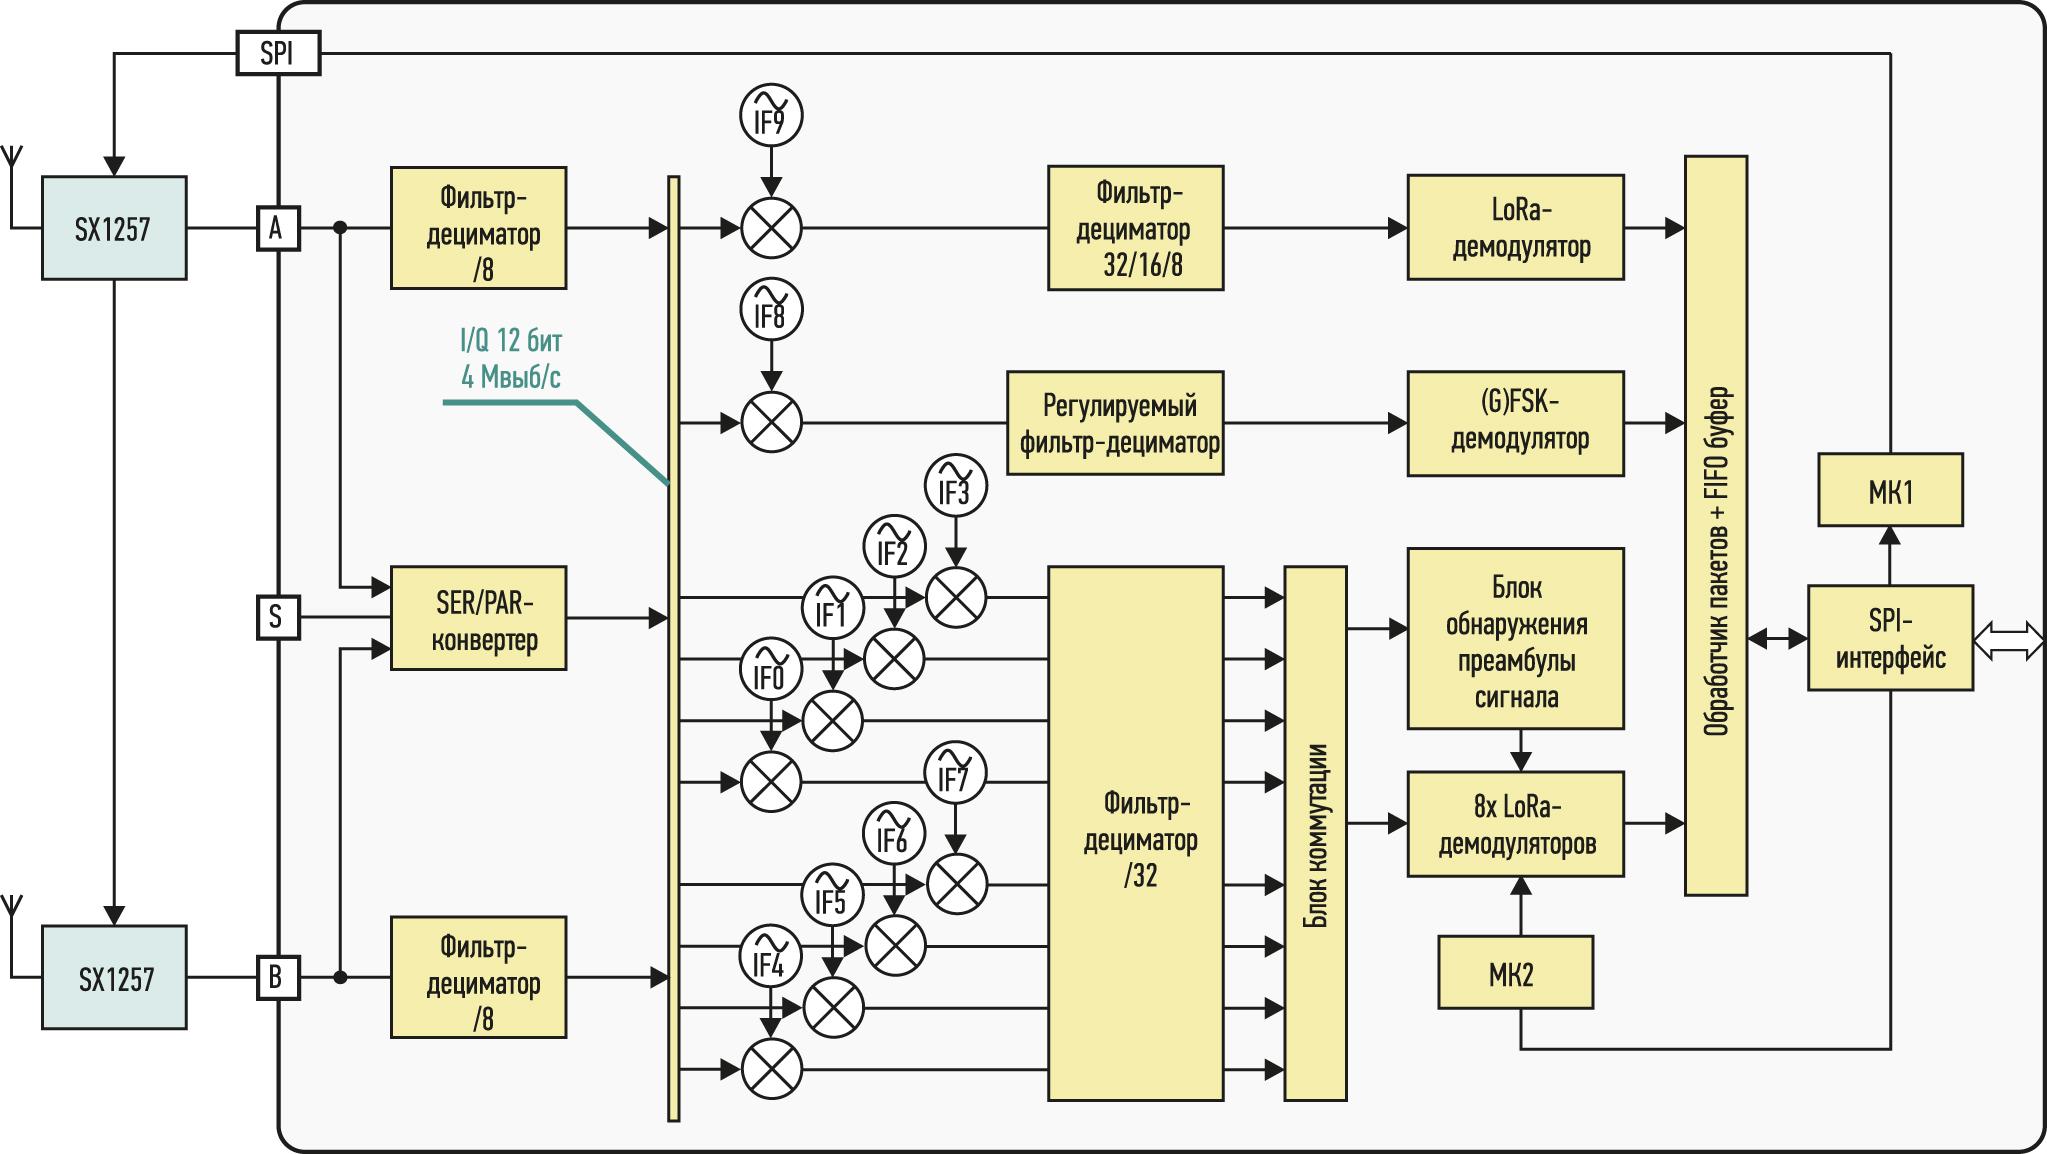 Упрощенная структурная схема ИС SX1301 (без блока модуляторов)